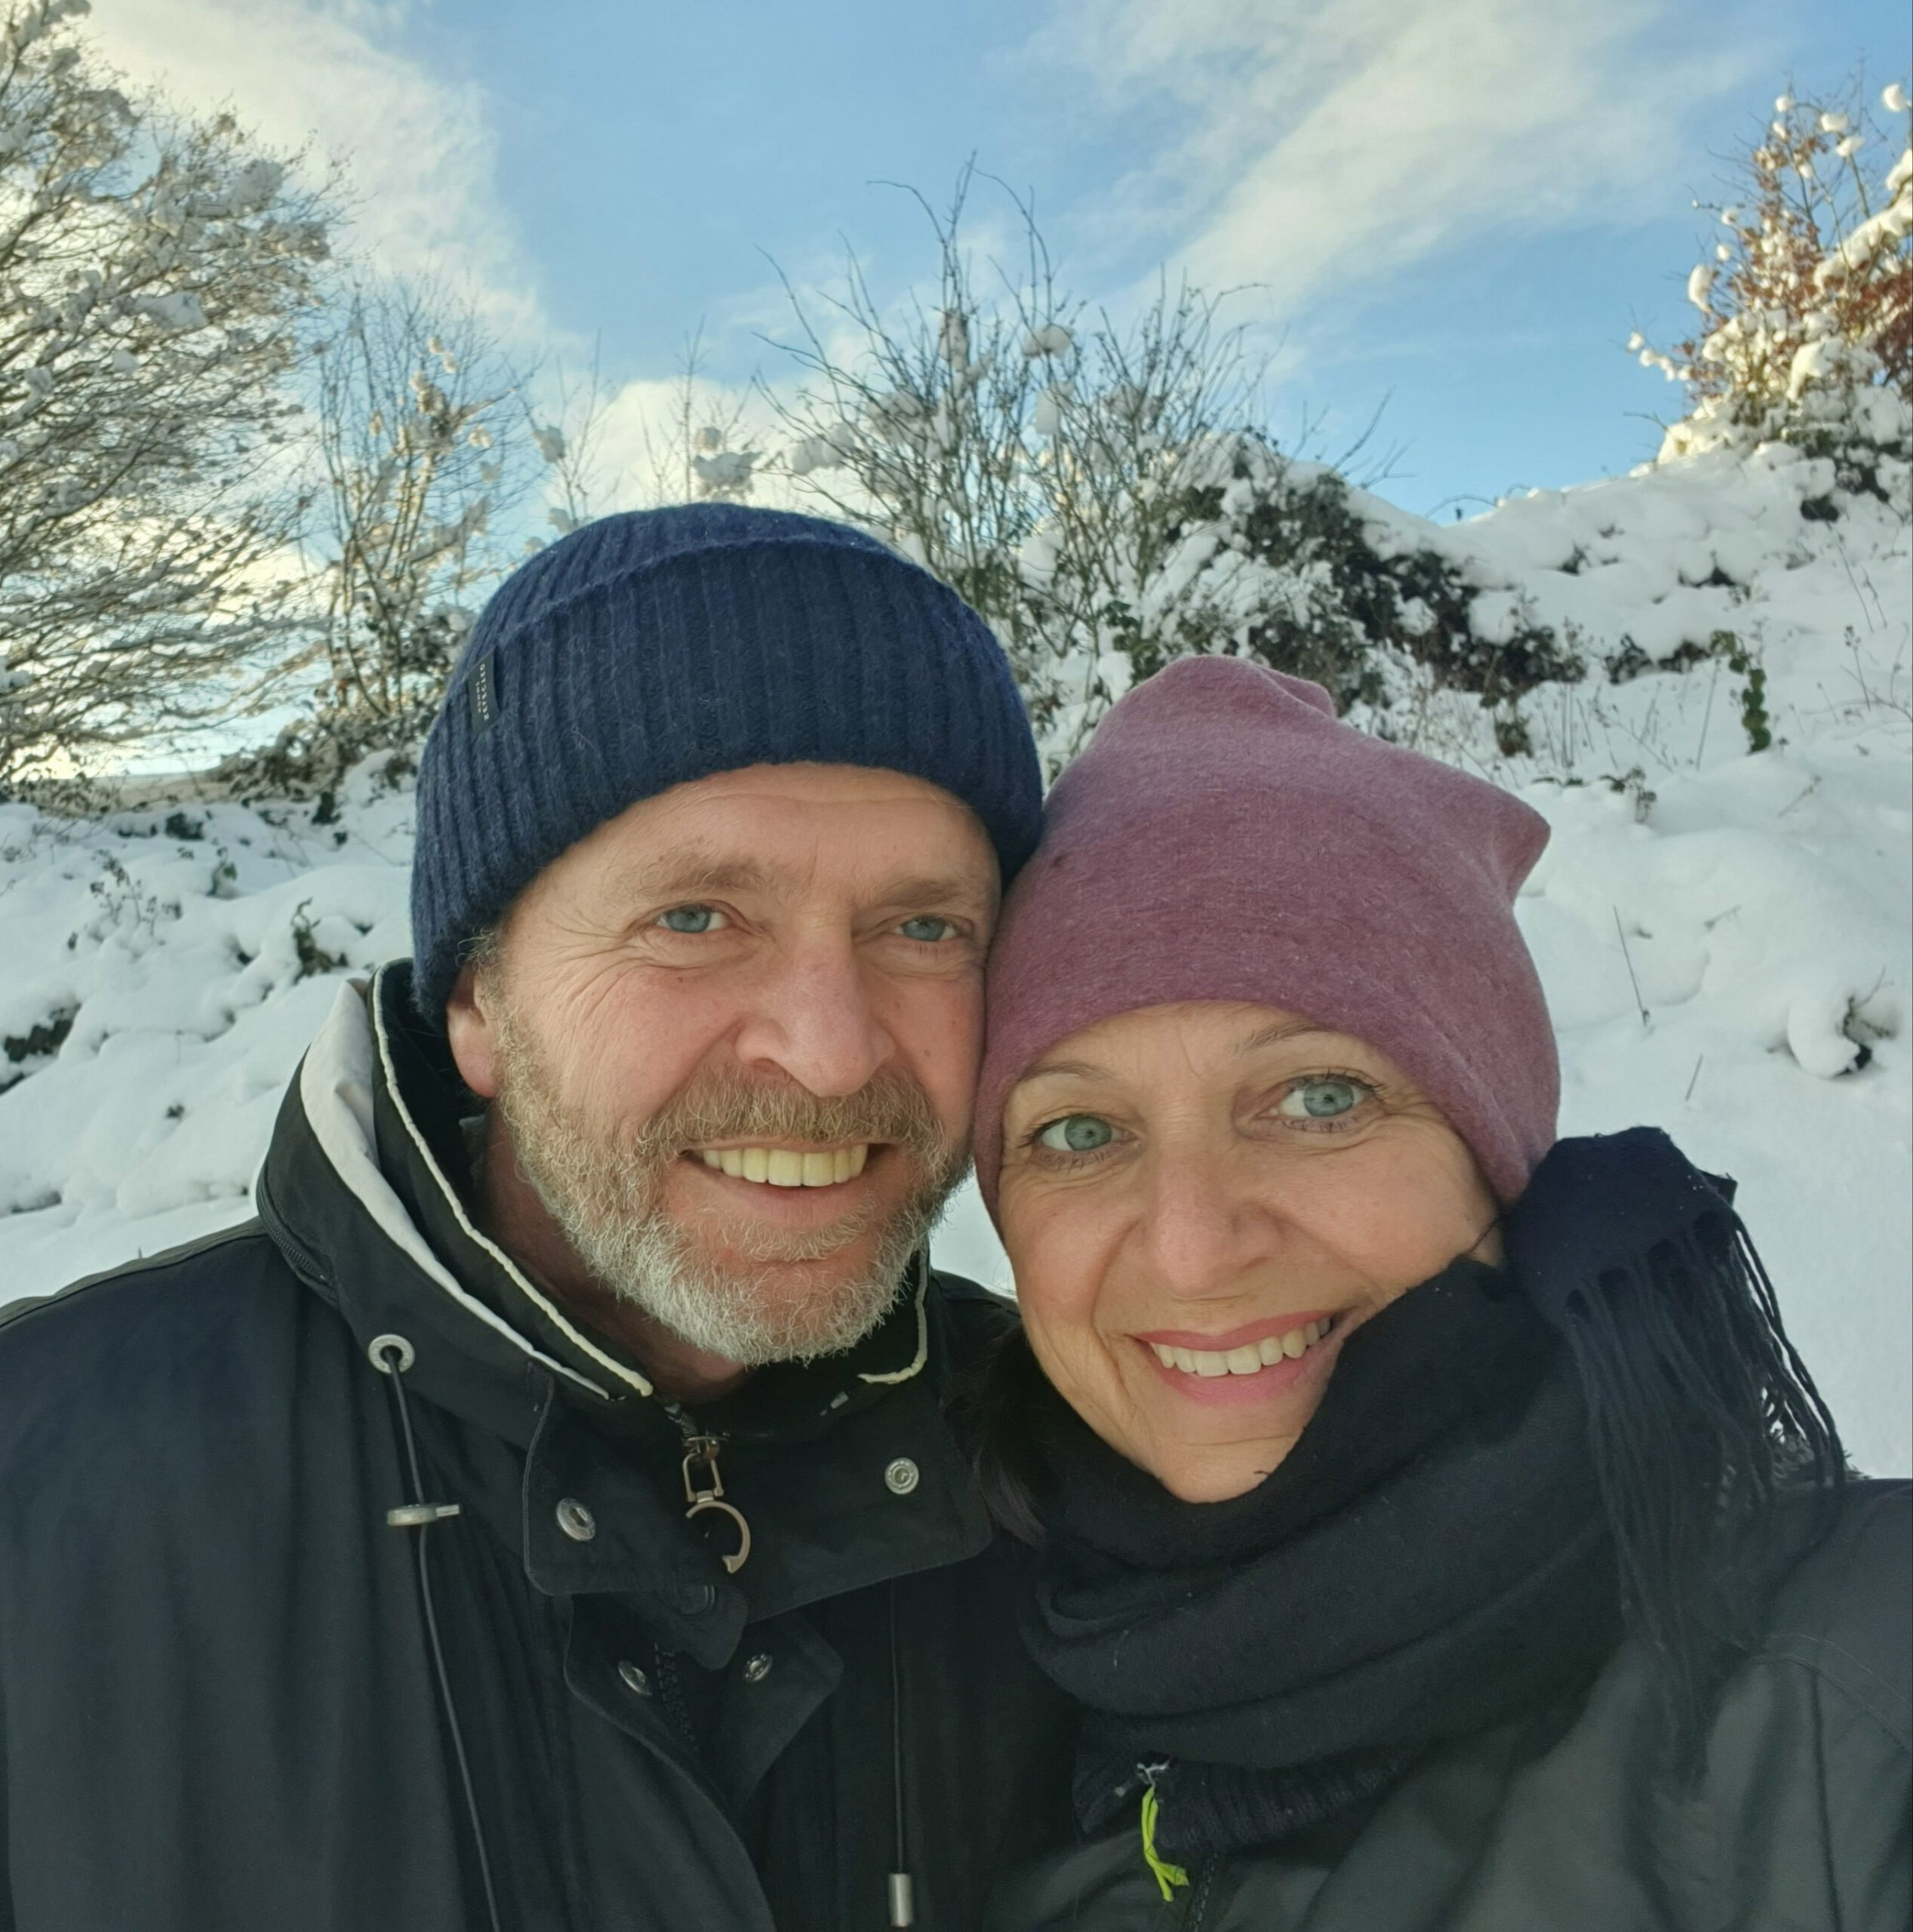 Kathi-Wolli im Schnee